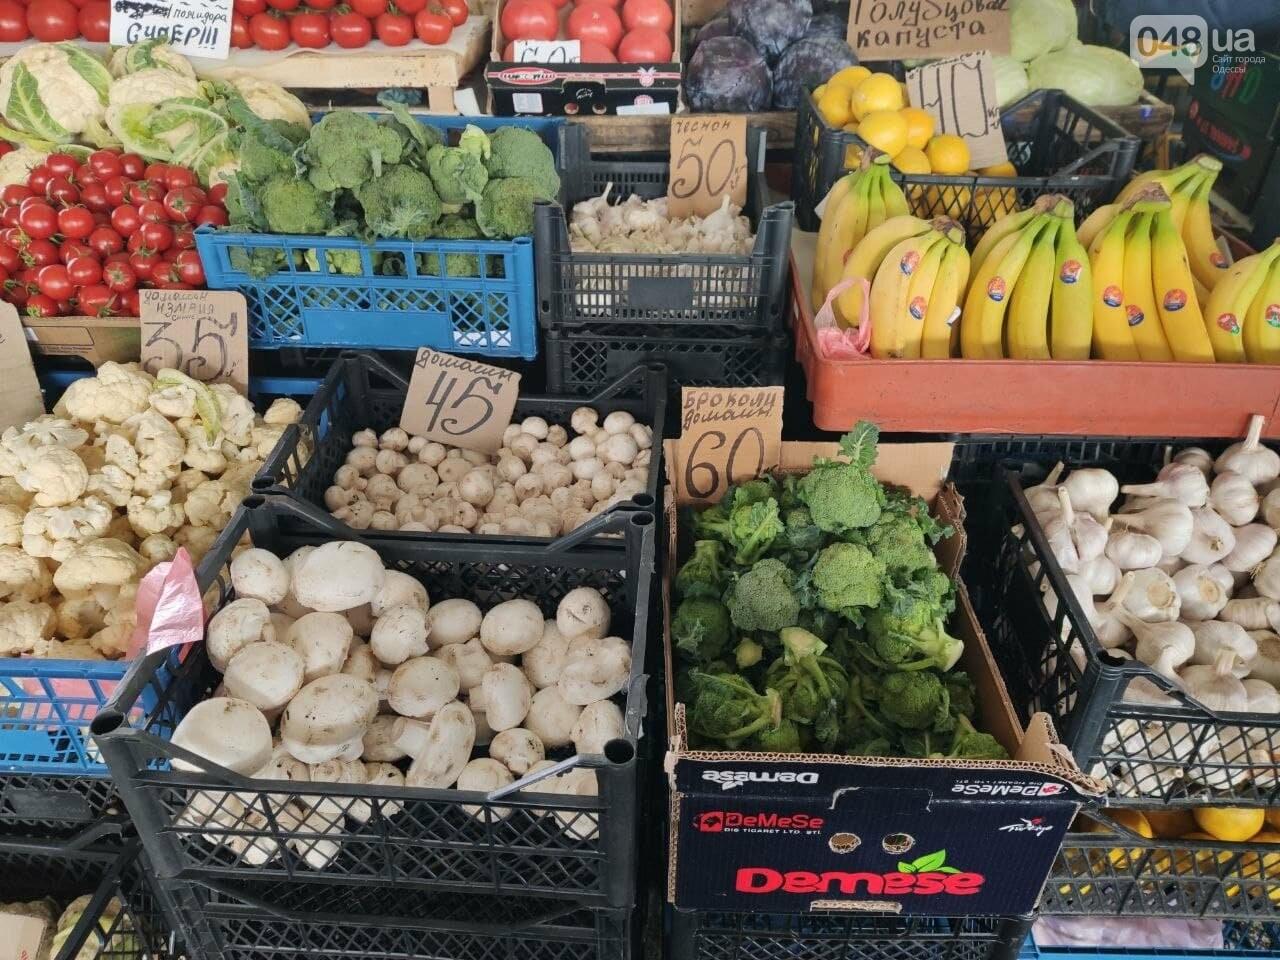 Грейпфрут, груши, вешенки: почем на одесском Привозе овощи и фрукты, - ФОТО, фото-1